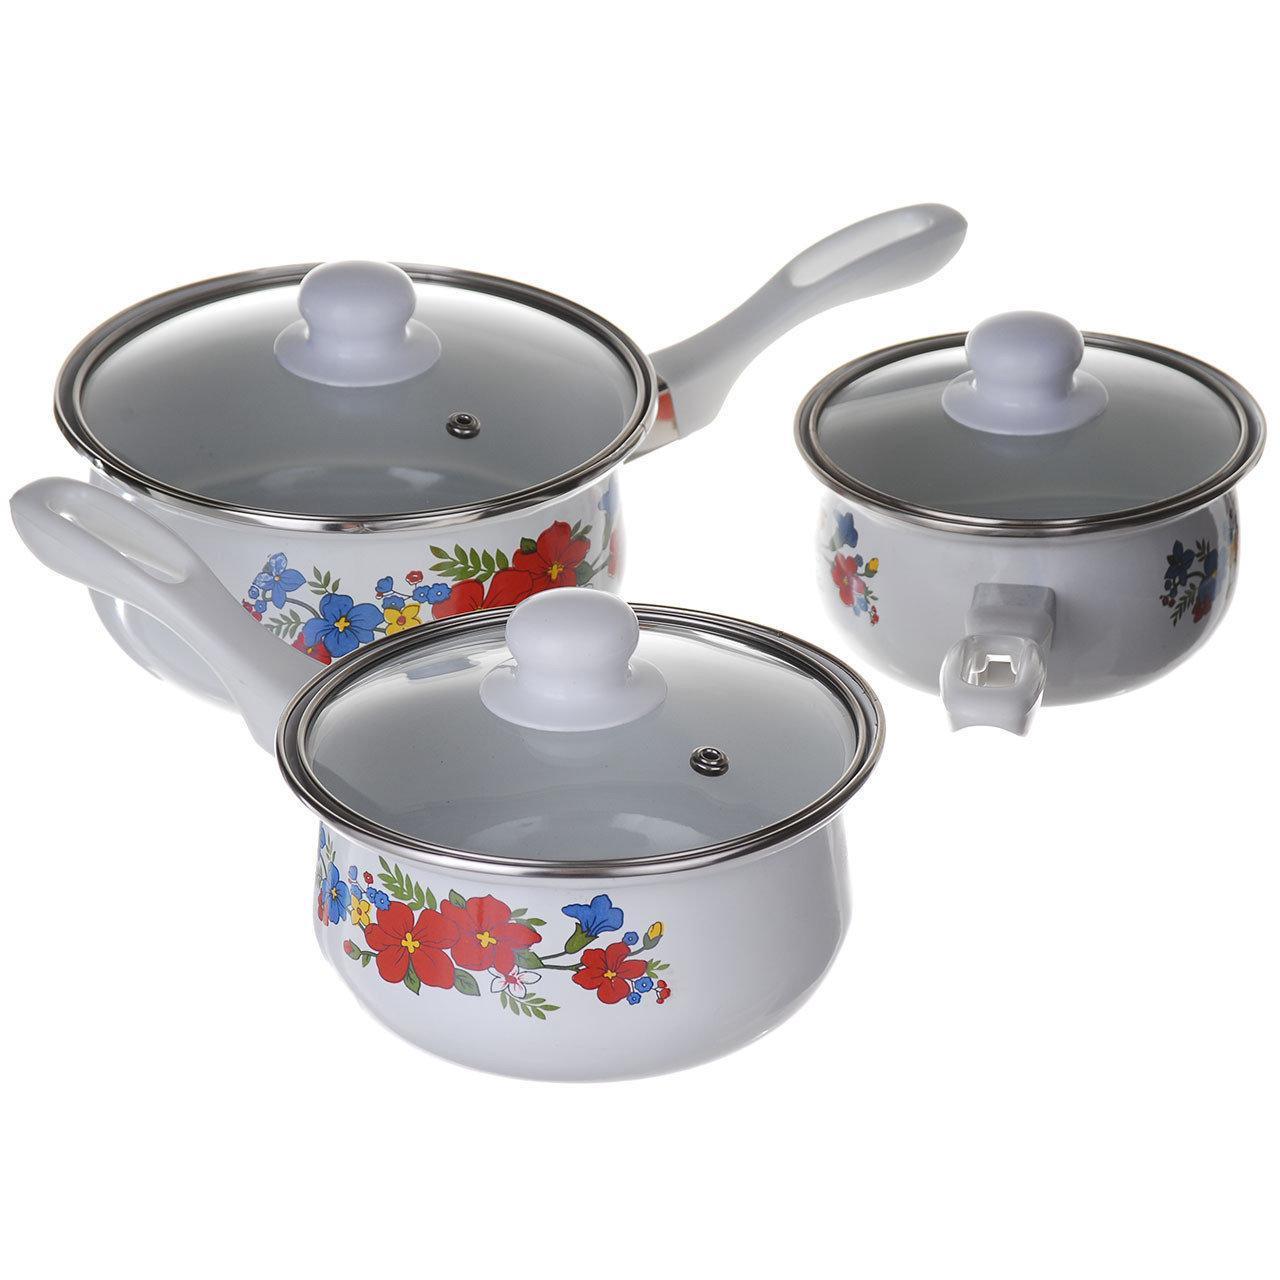 Ковши кухонные Эмалированные A-PLUS набор 3 шт